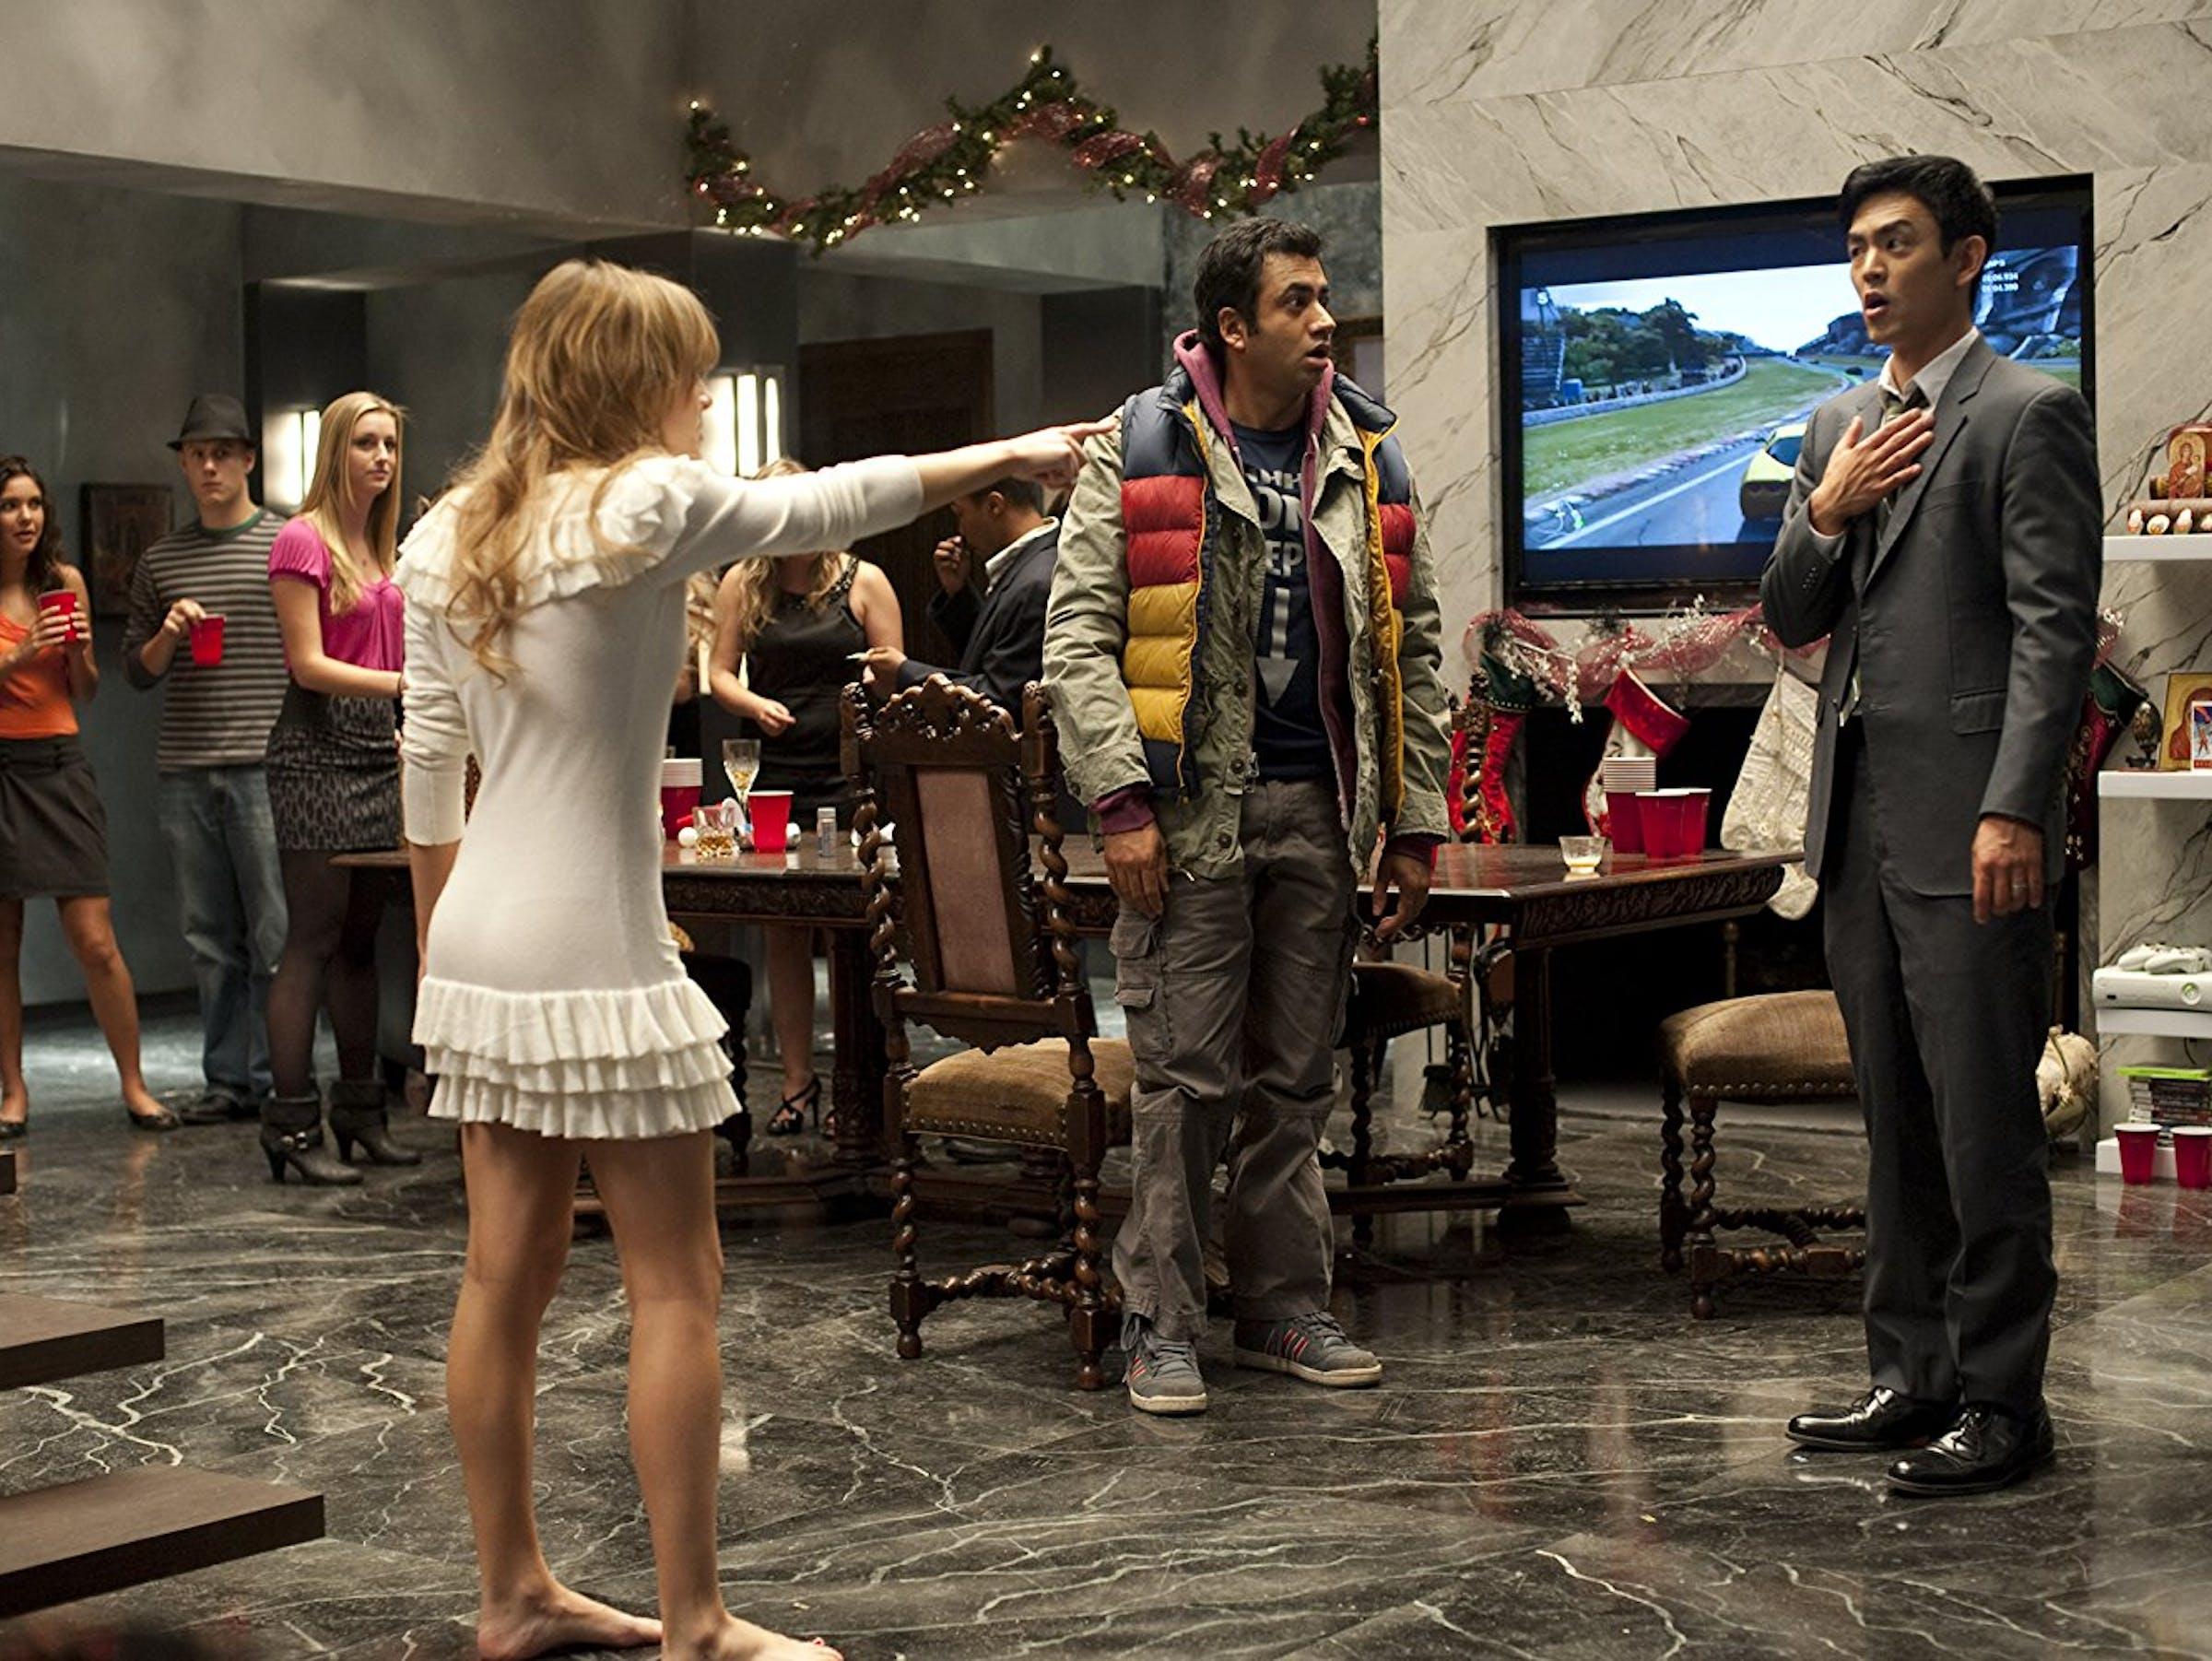 Harold and Kumar Christmas